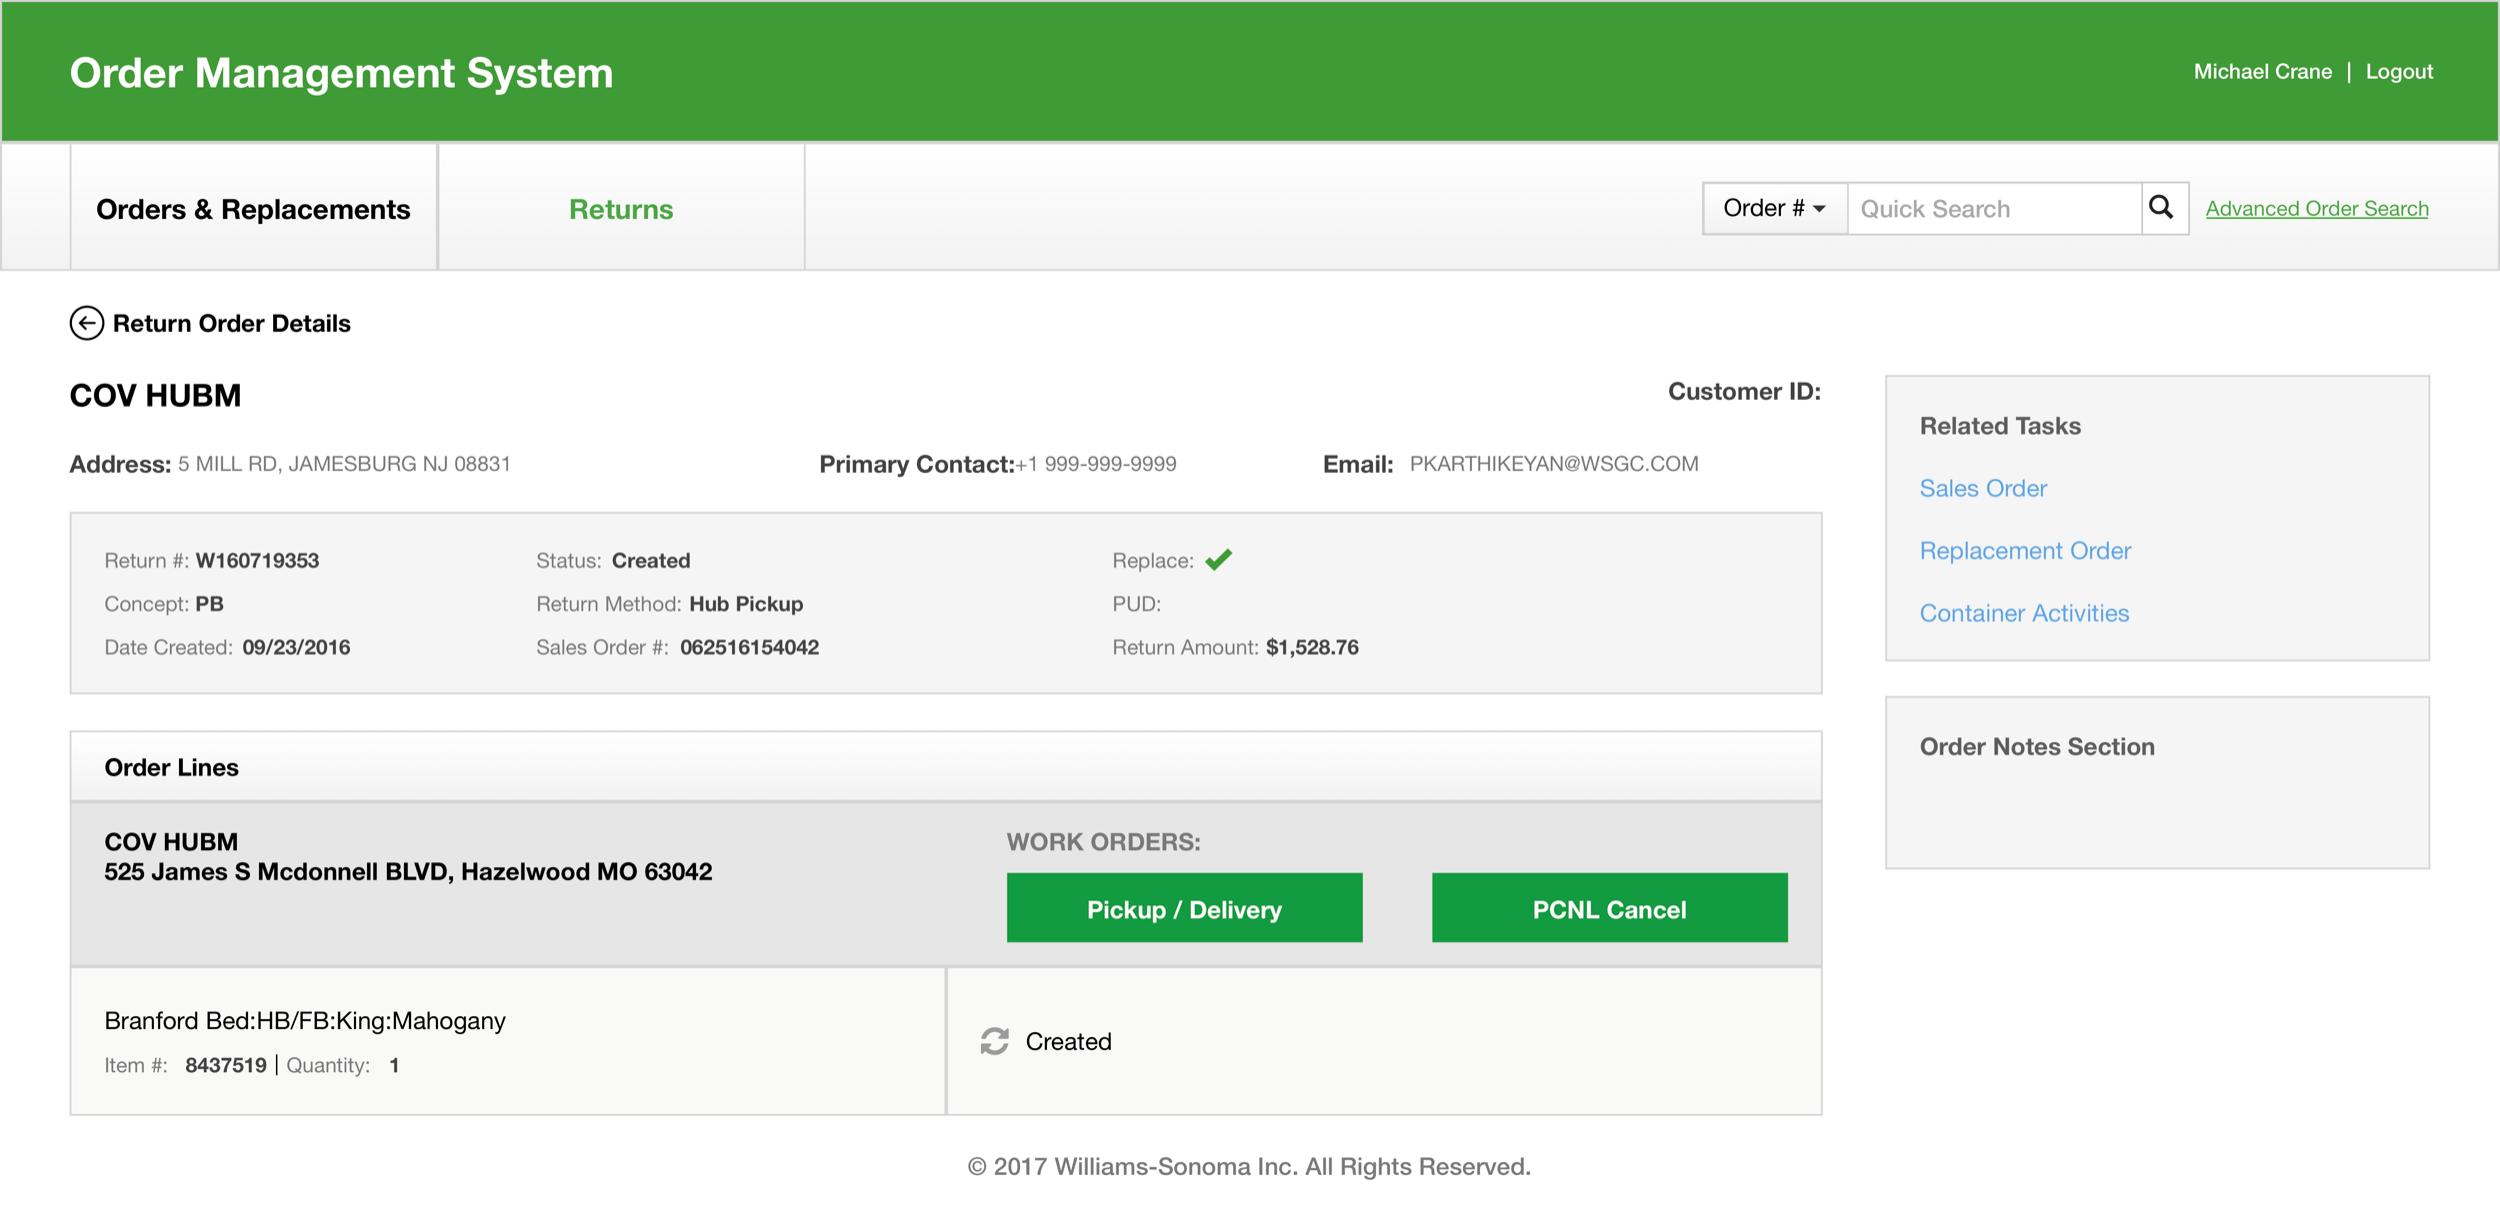 03_Return Order Details